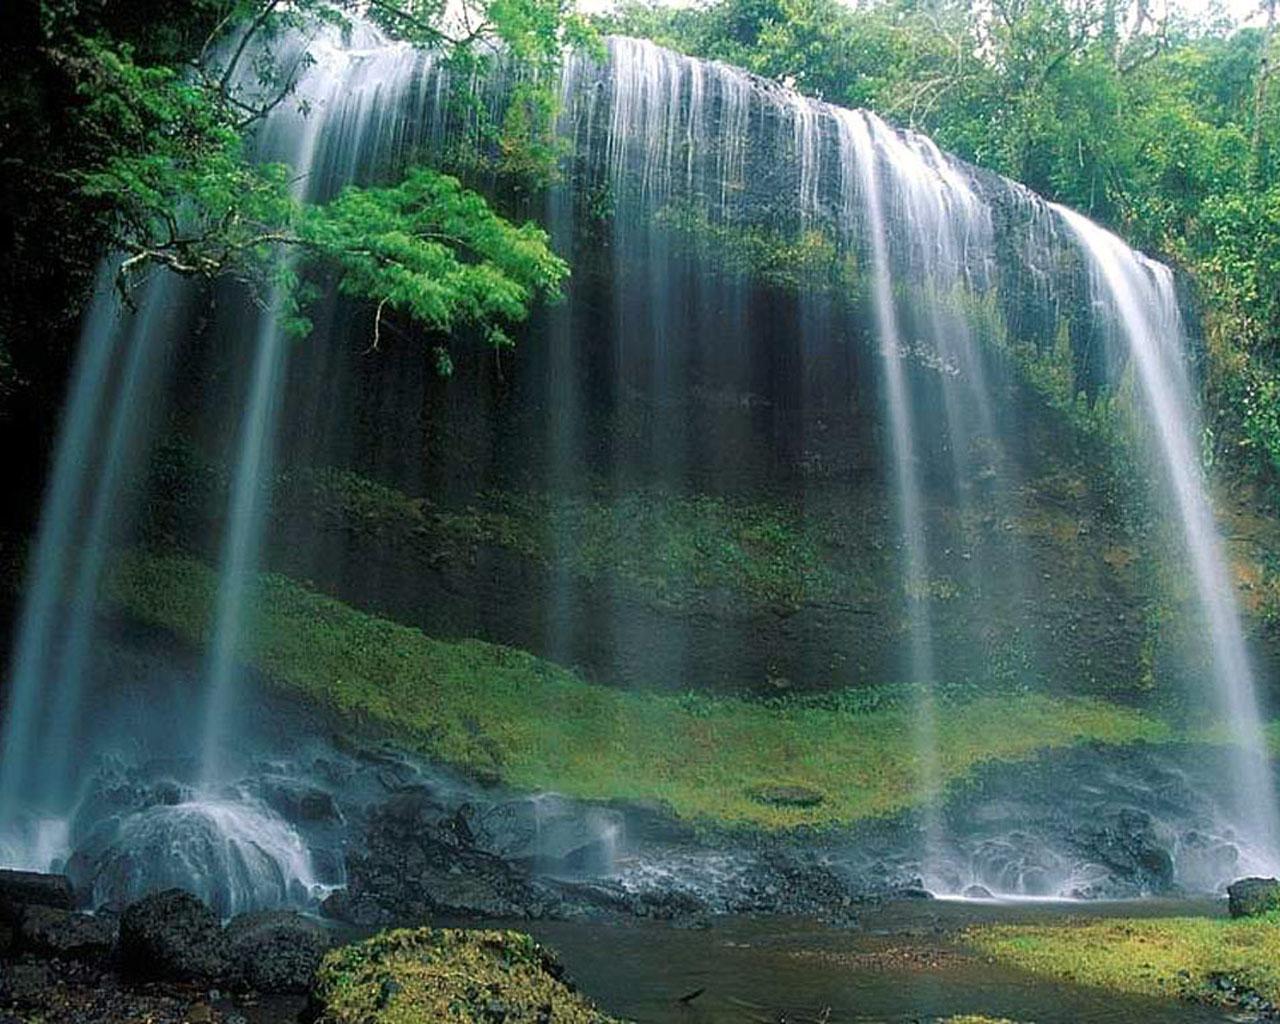 ... constante ritmo agua agua agua siempre quieta y en eterno movimiento